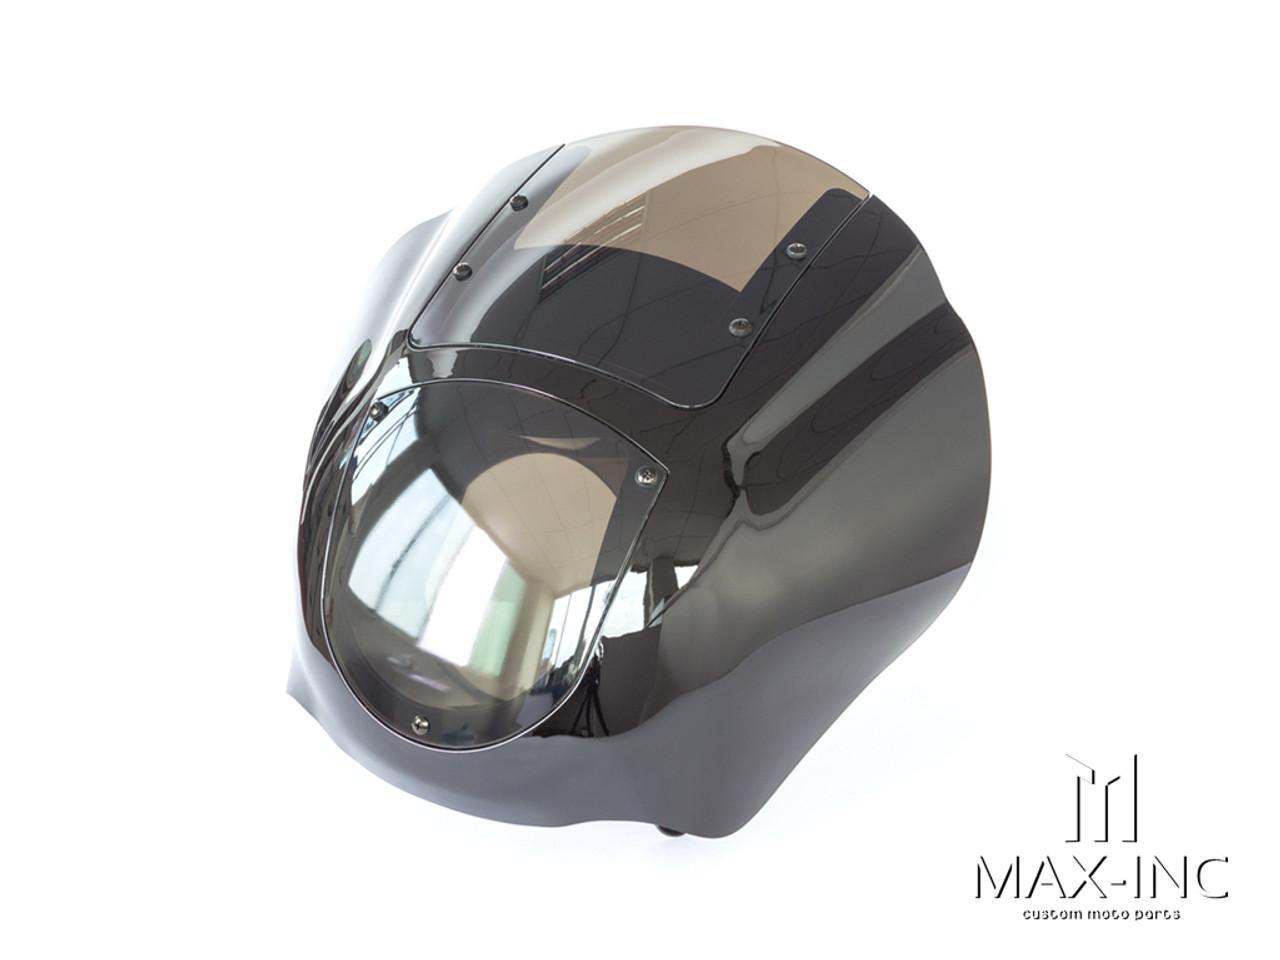 Harley Sportster / Dyna Detachable Quarter Headlight Fairing Kit - Smoked